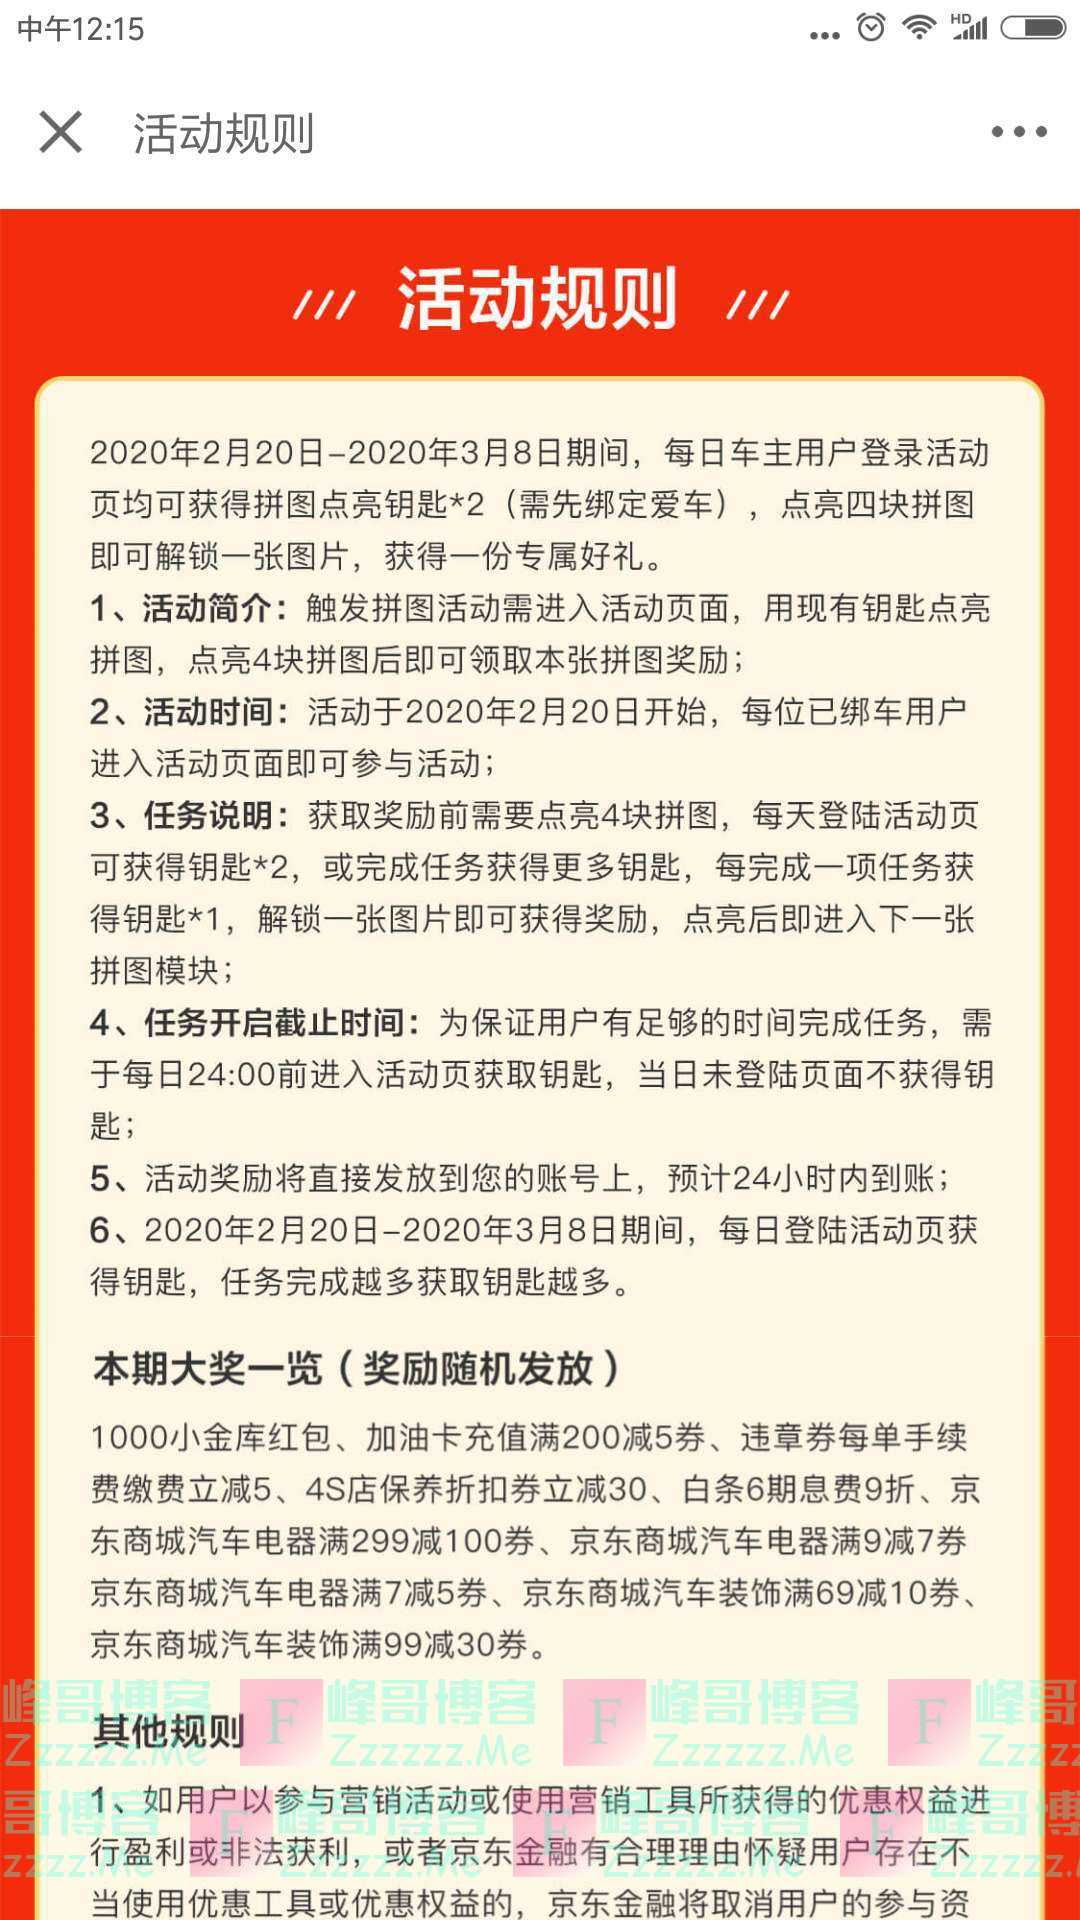 京东金融点亮拼图最高得千元红包(截止3月8日)